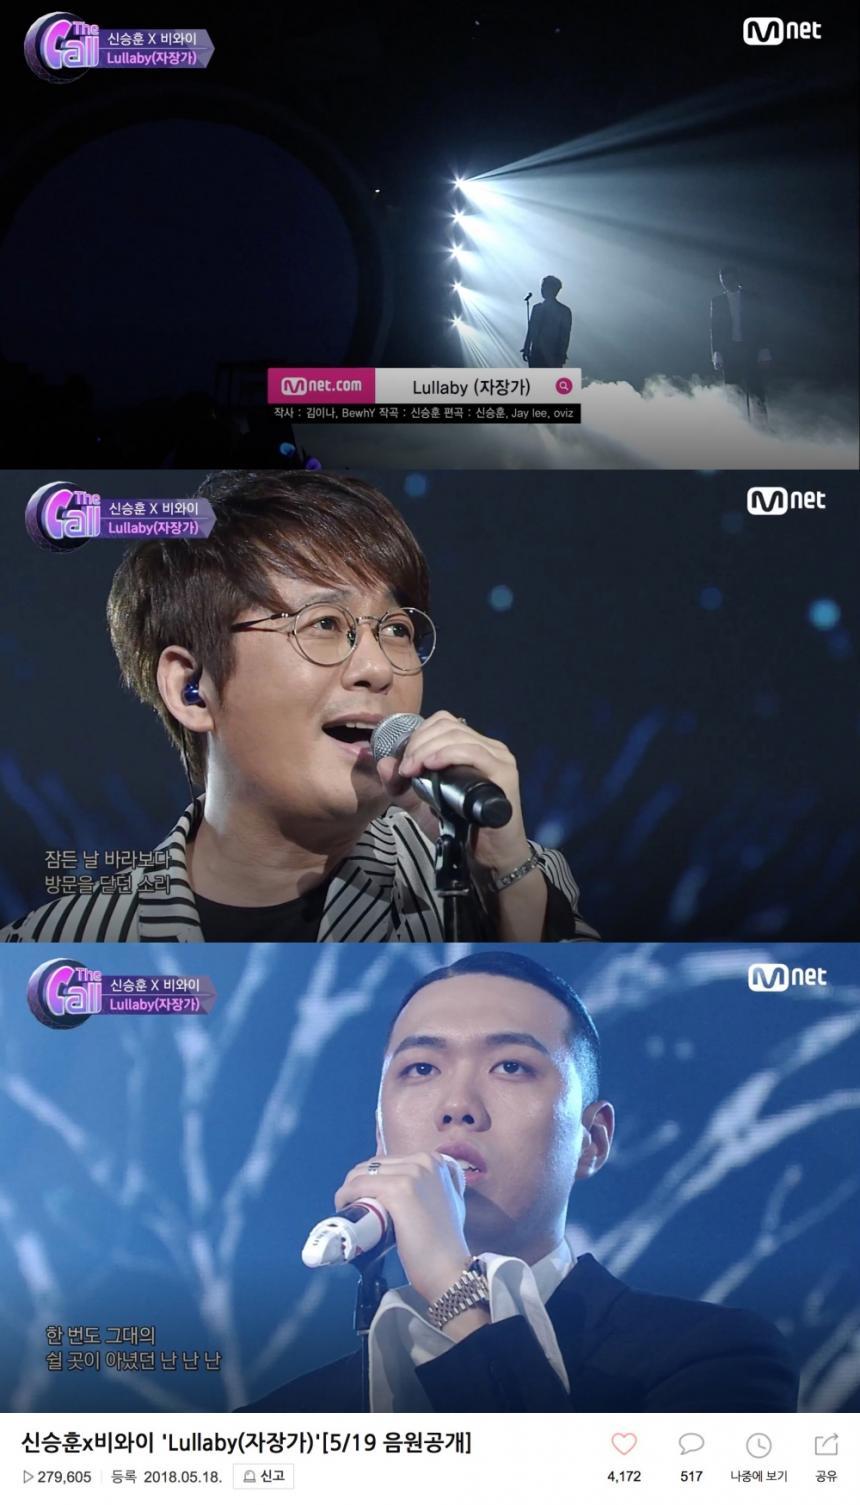 신승훈X비와이 'Lullaby(자장가)' / Mnet '더콜' 방송 캡처